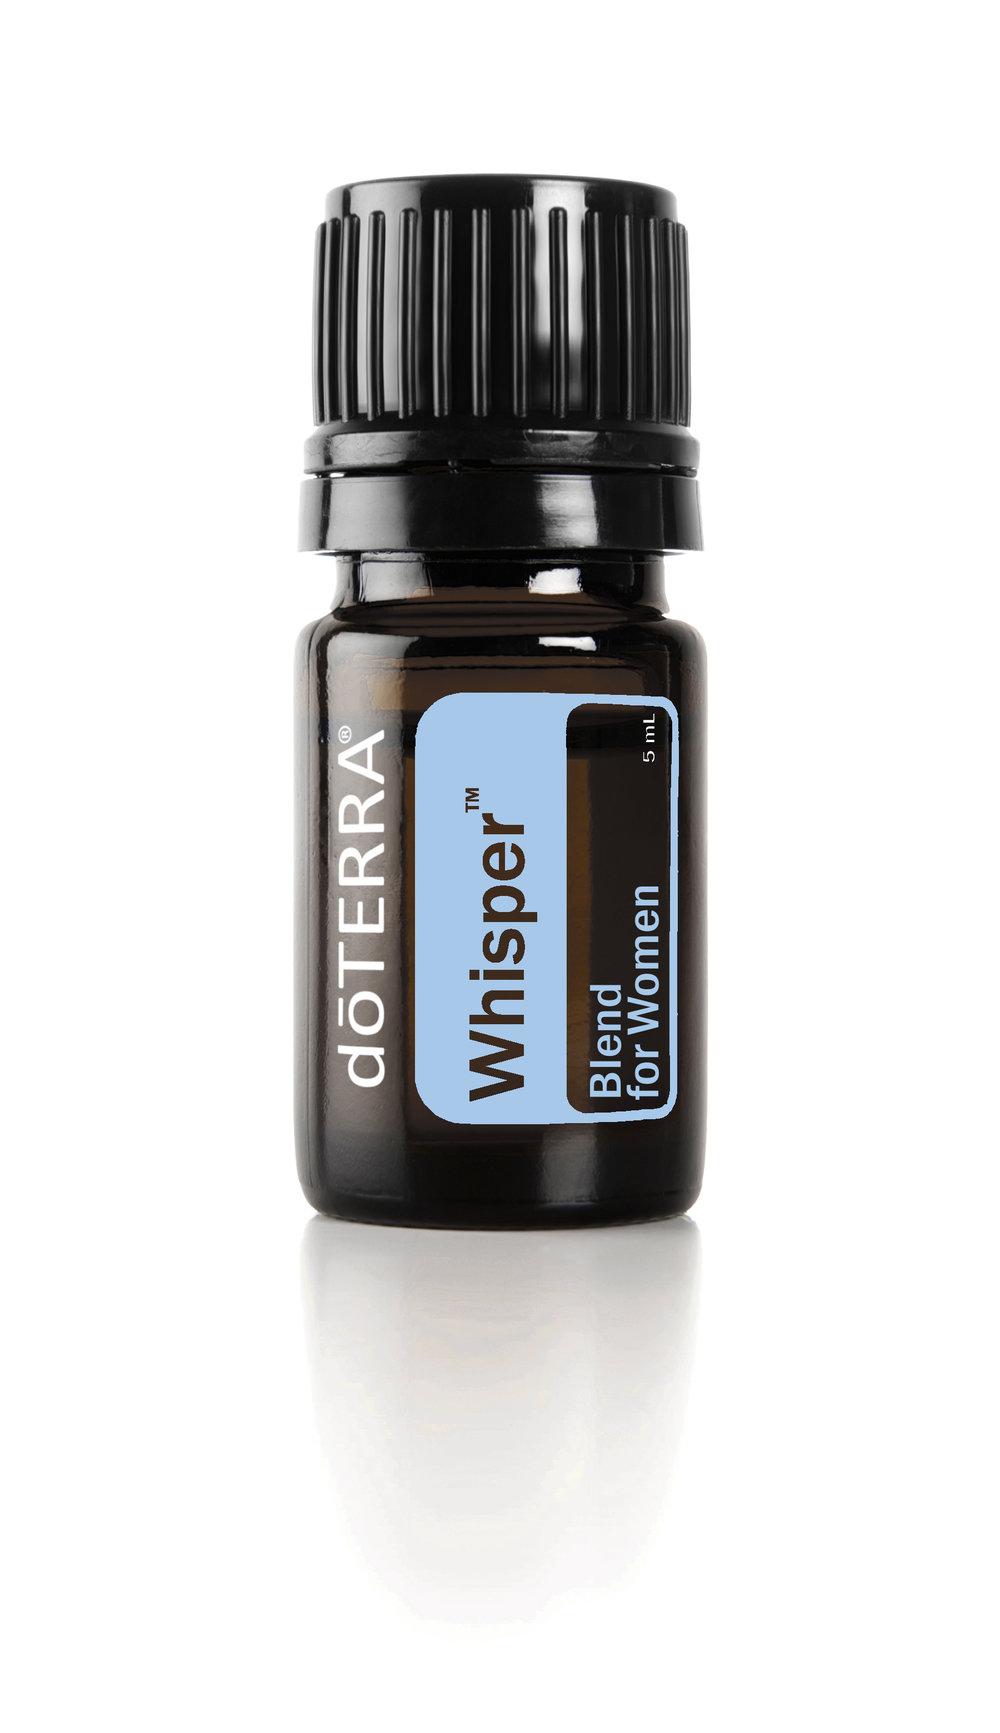 whisper-5ml.jpg